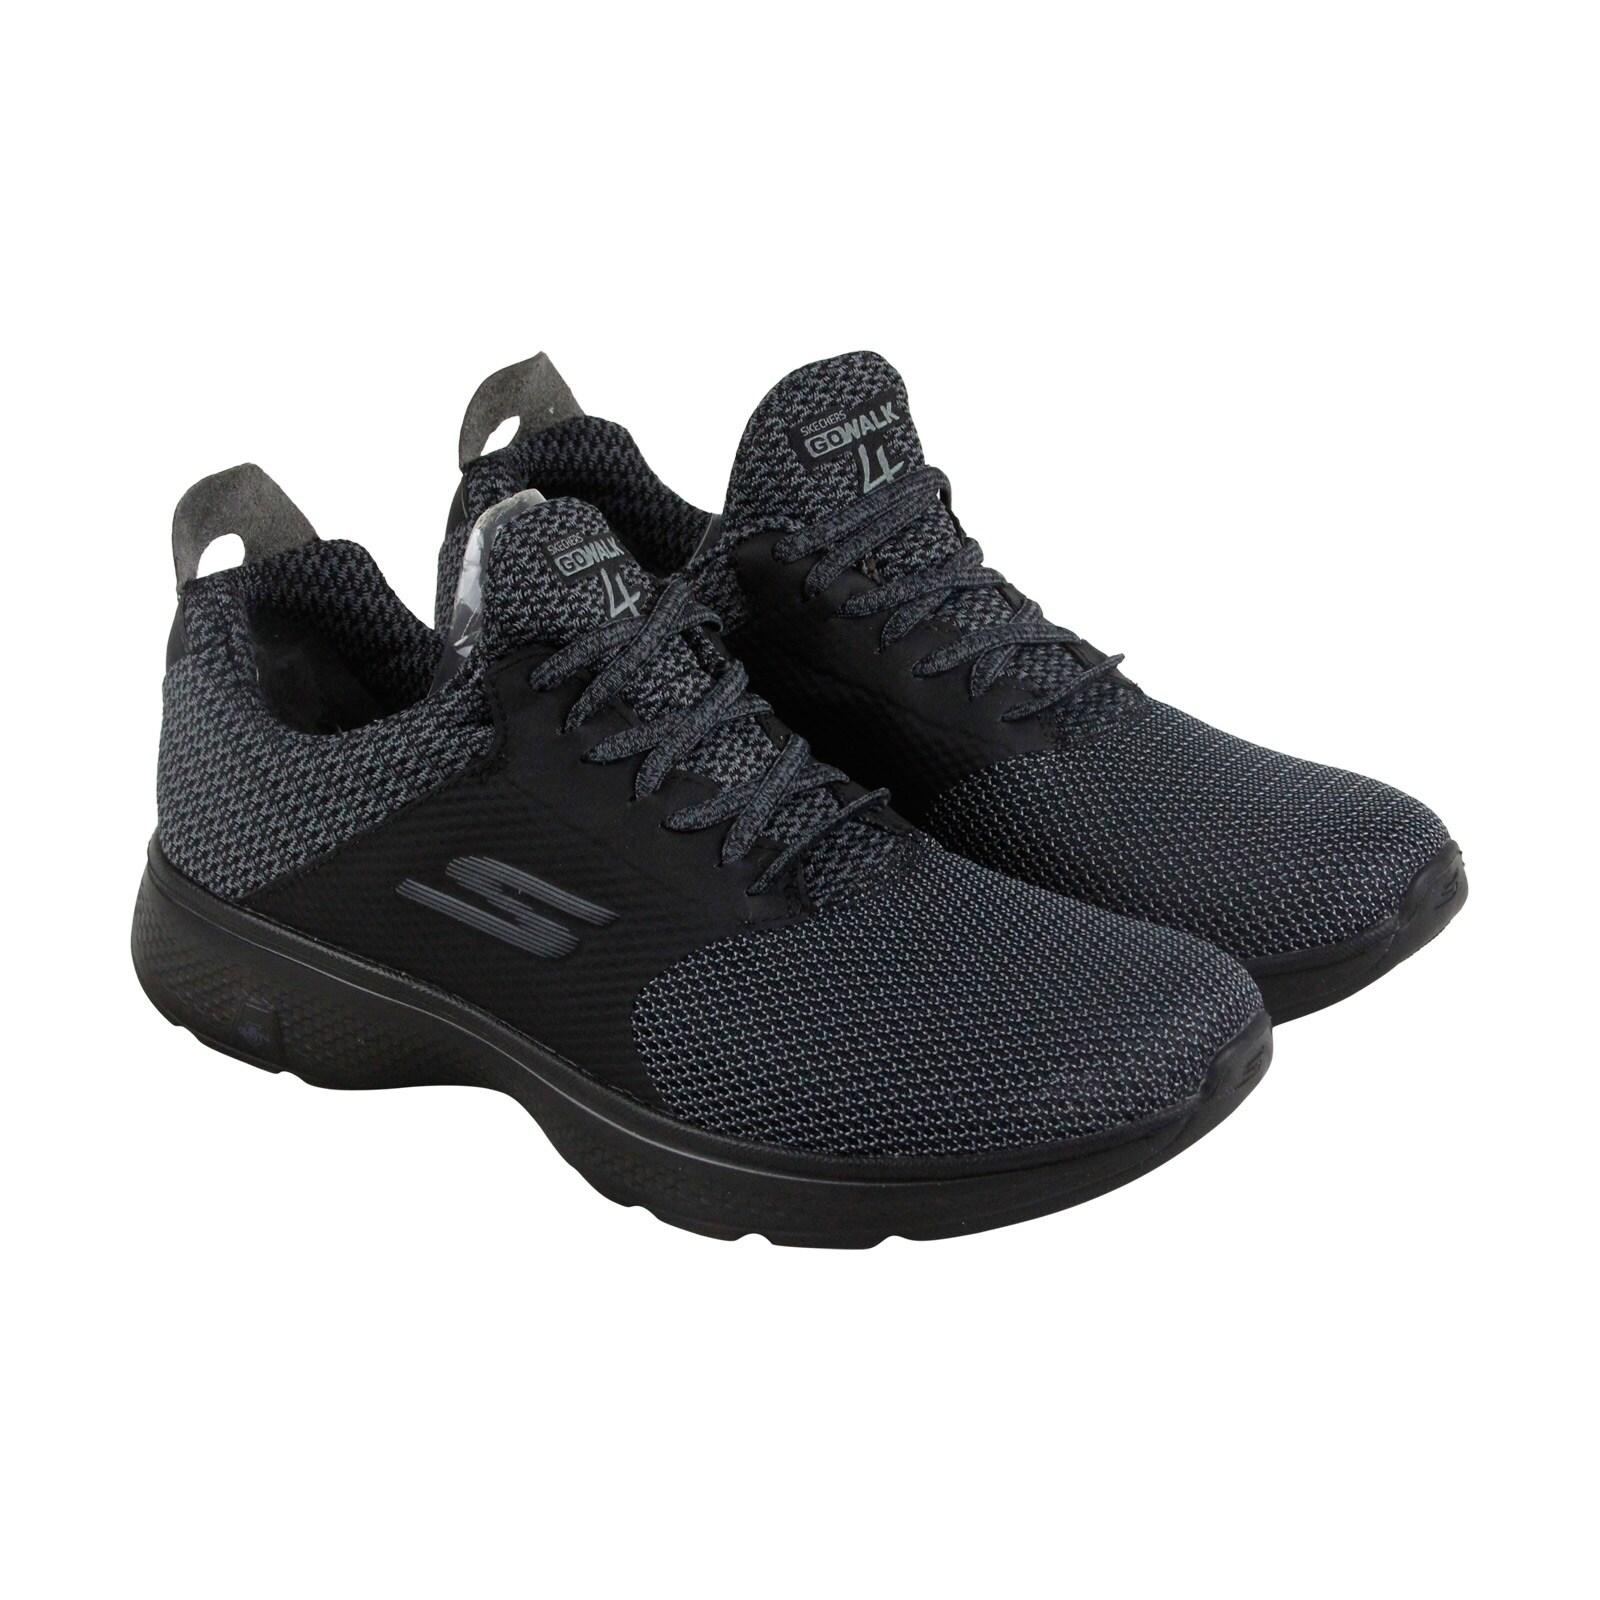 Skechers Gowalk 4 Instinct Mens Black Mesh Athletic Lace Up Training Shoes